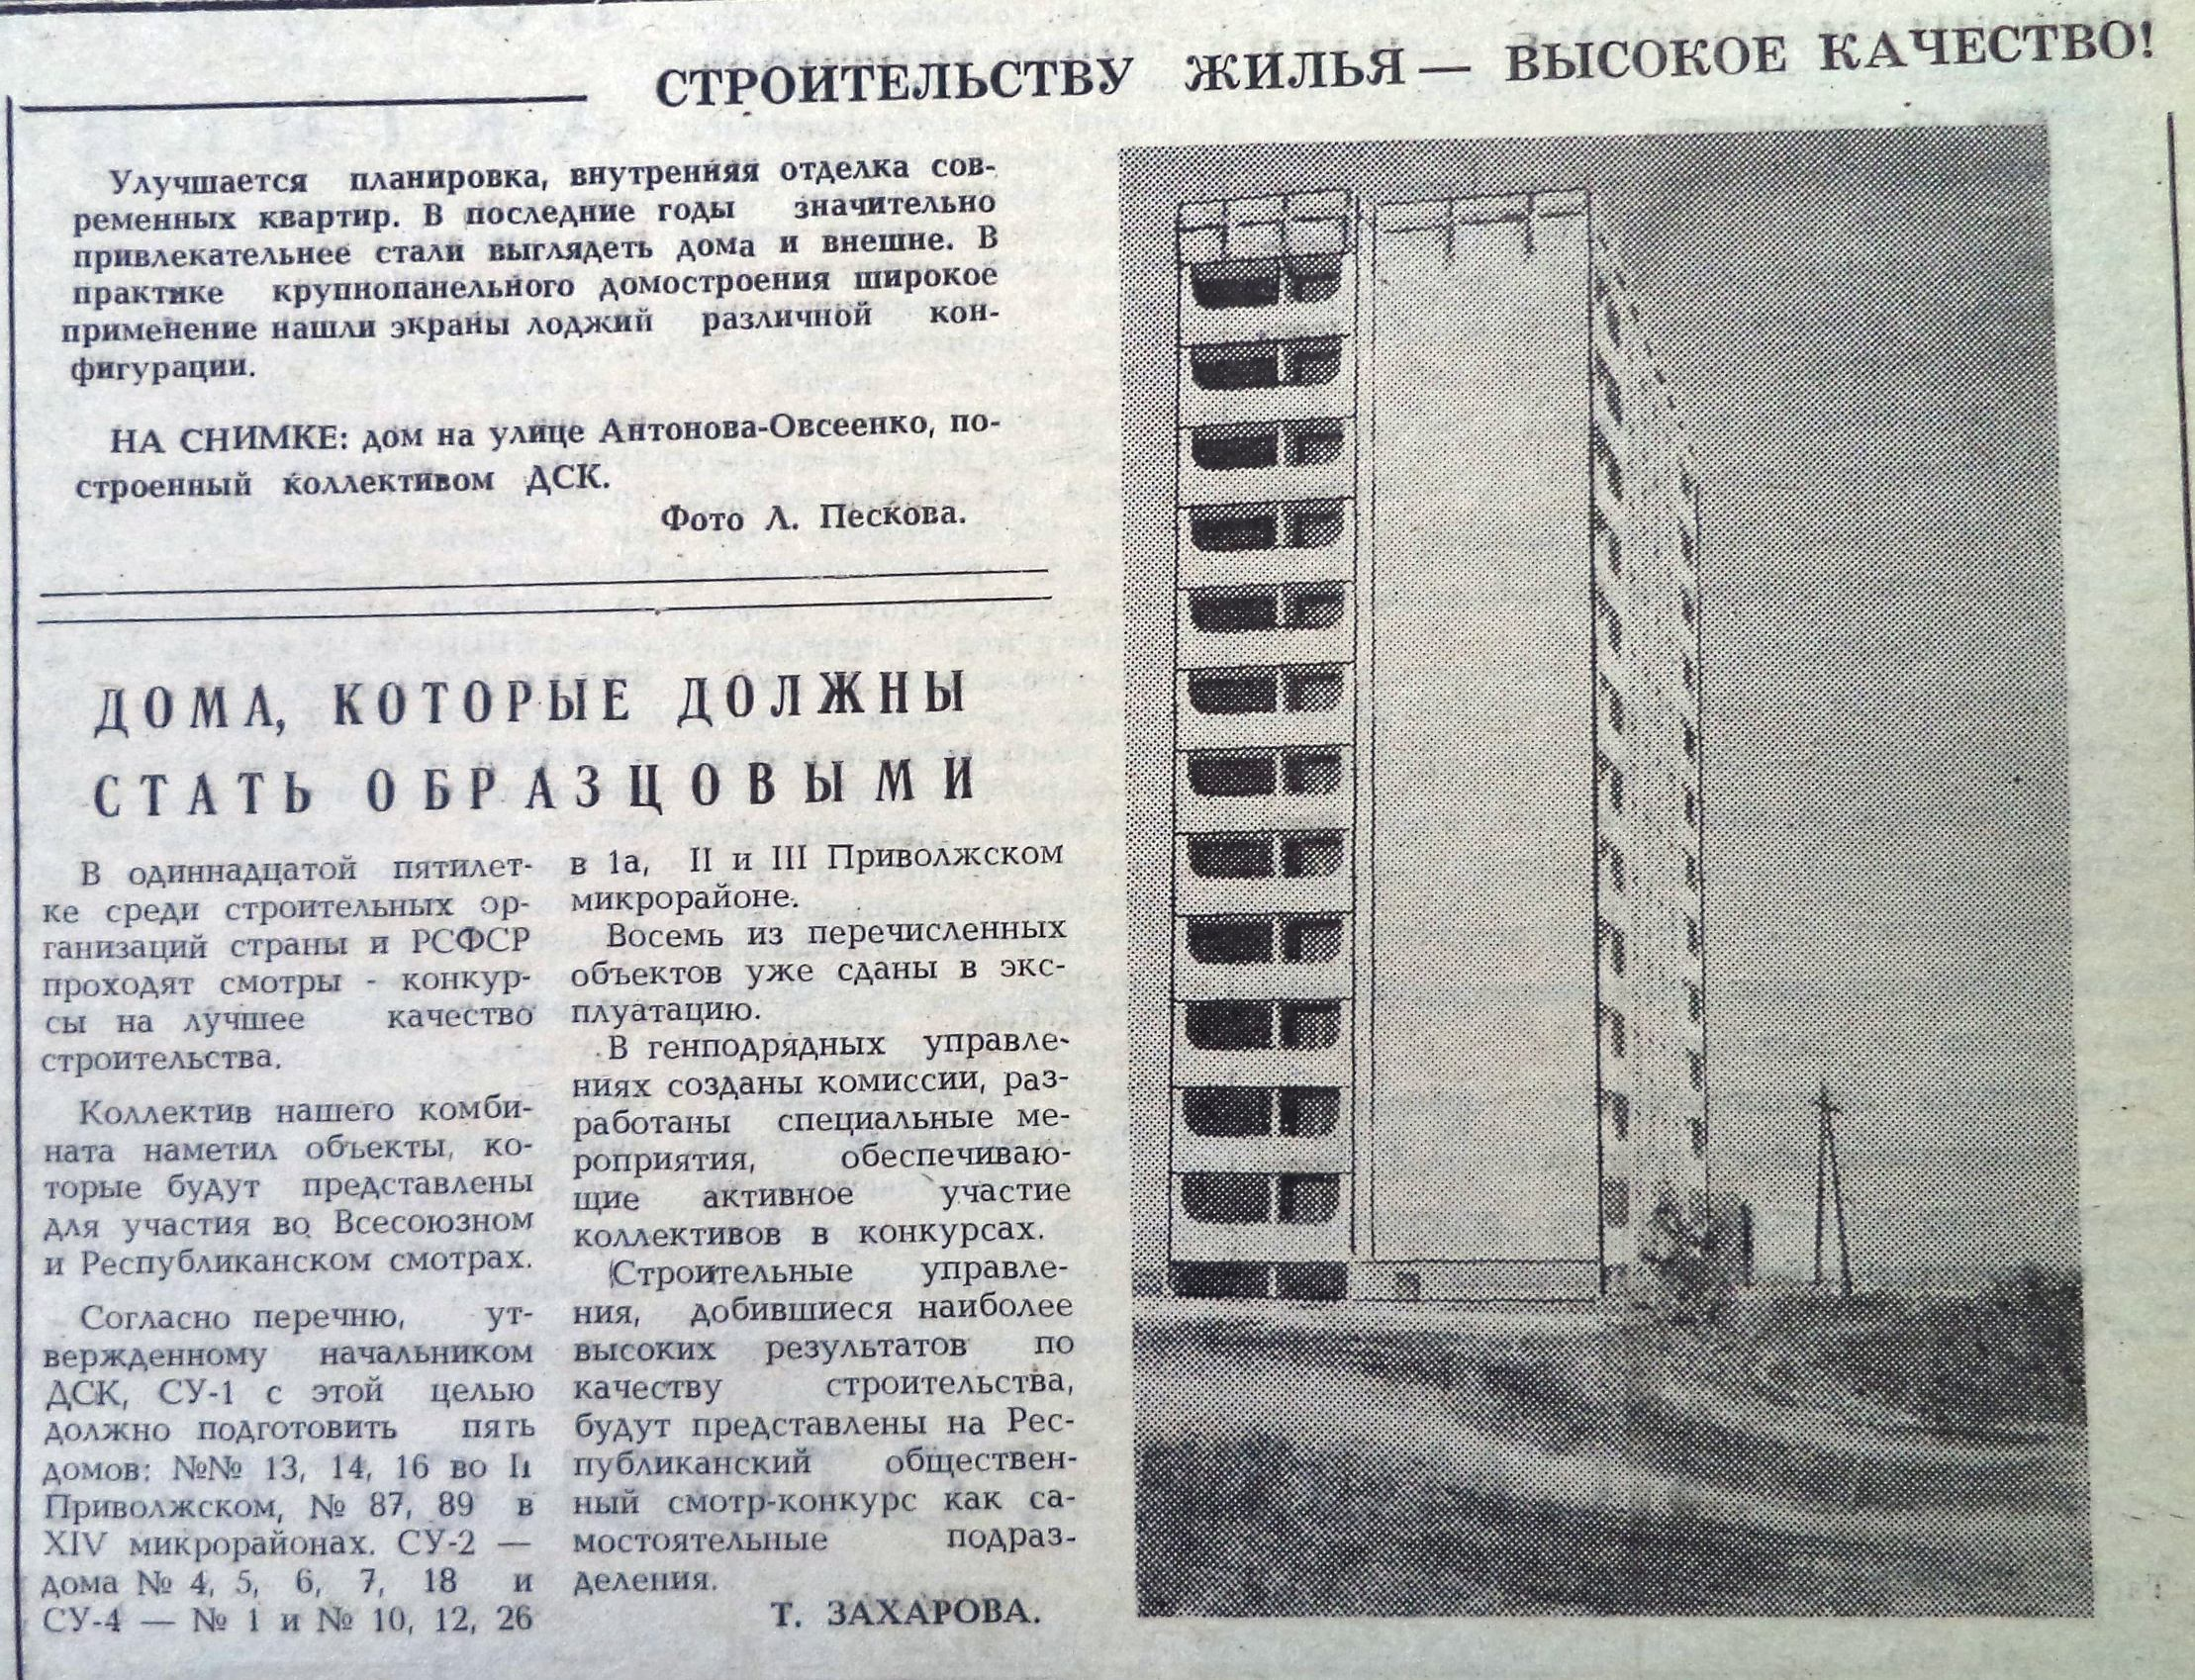 СА-ФОТО-063-Строитель-1983-22 июля